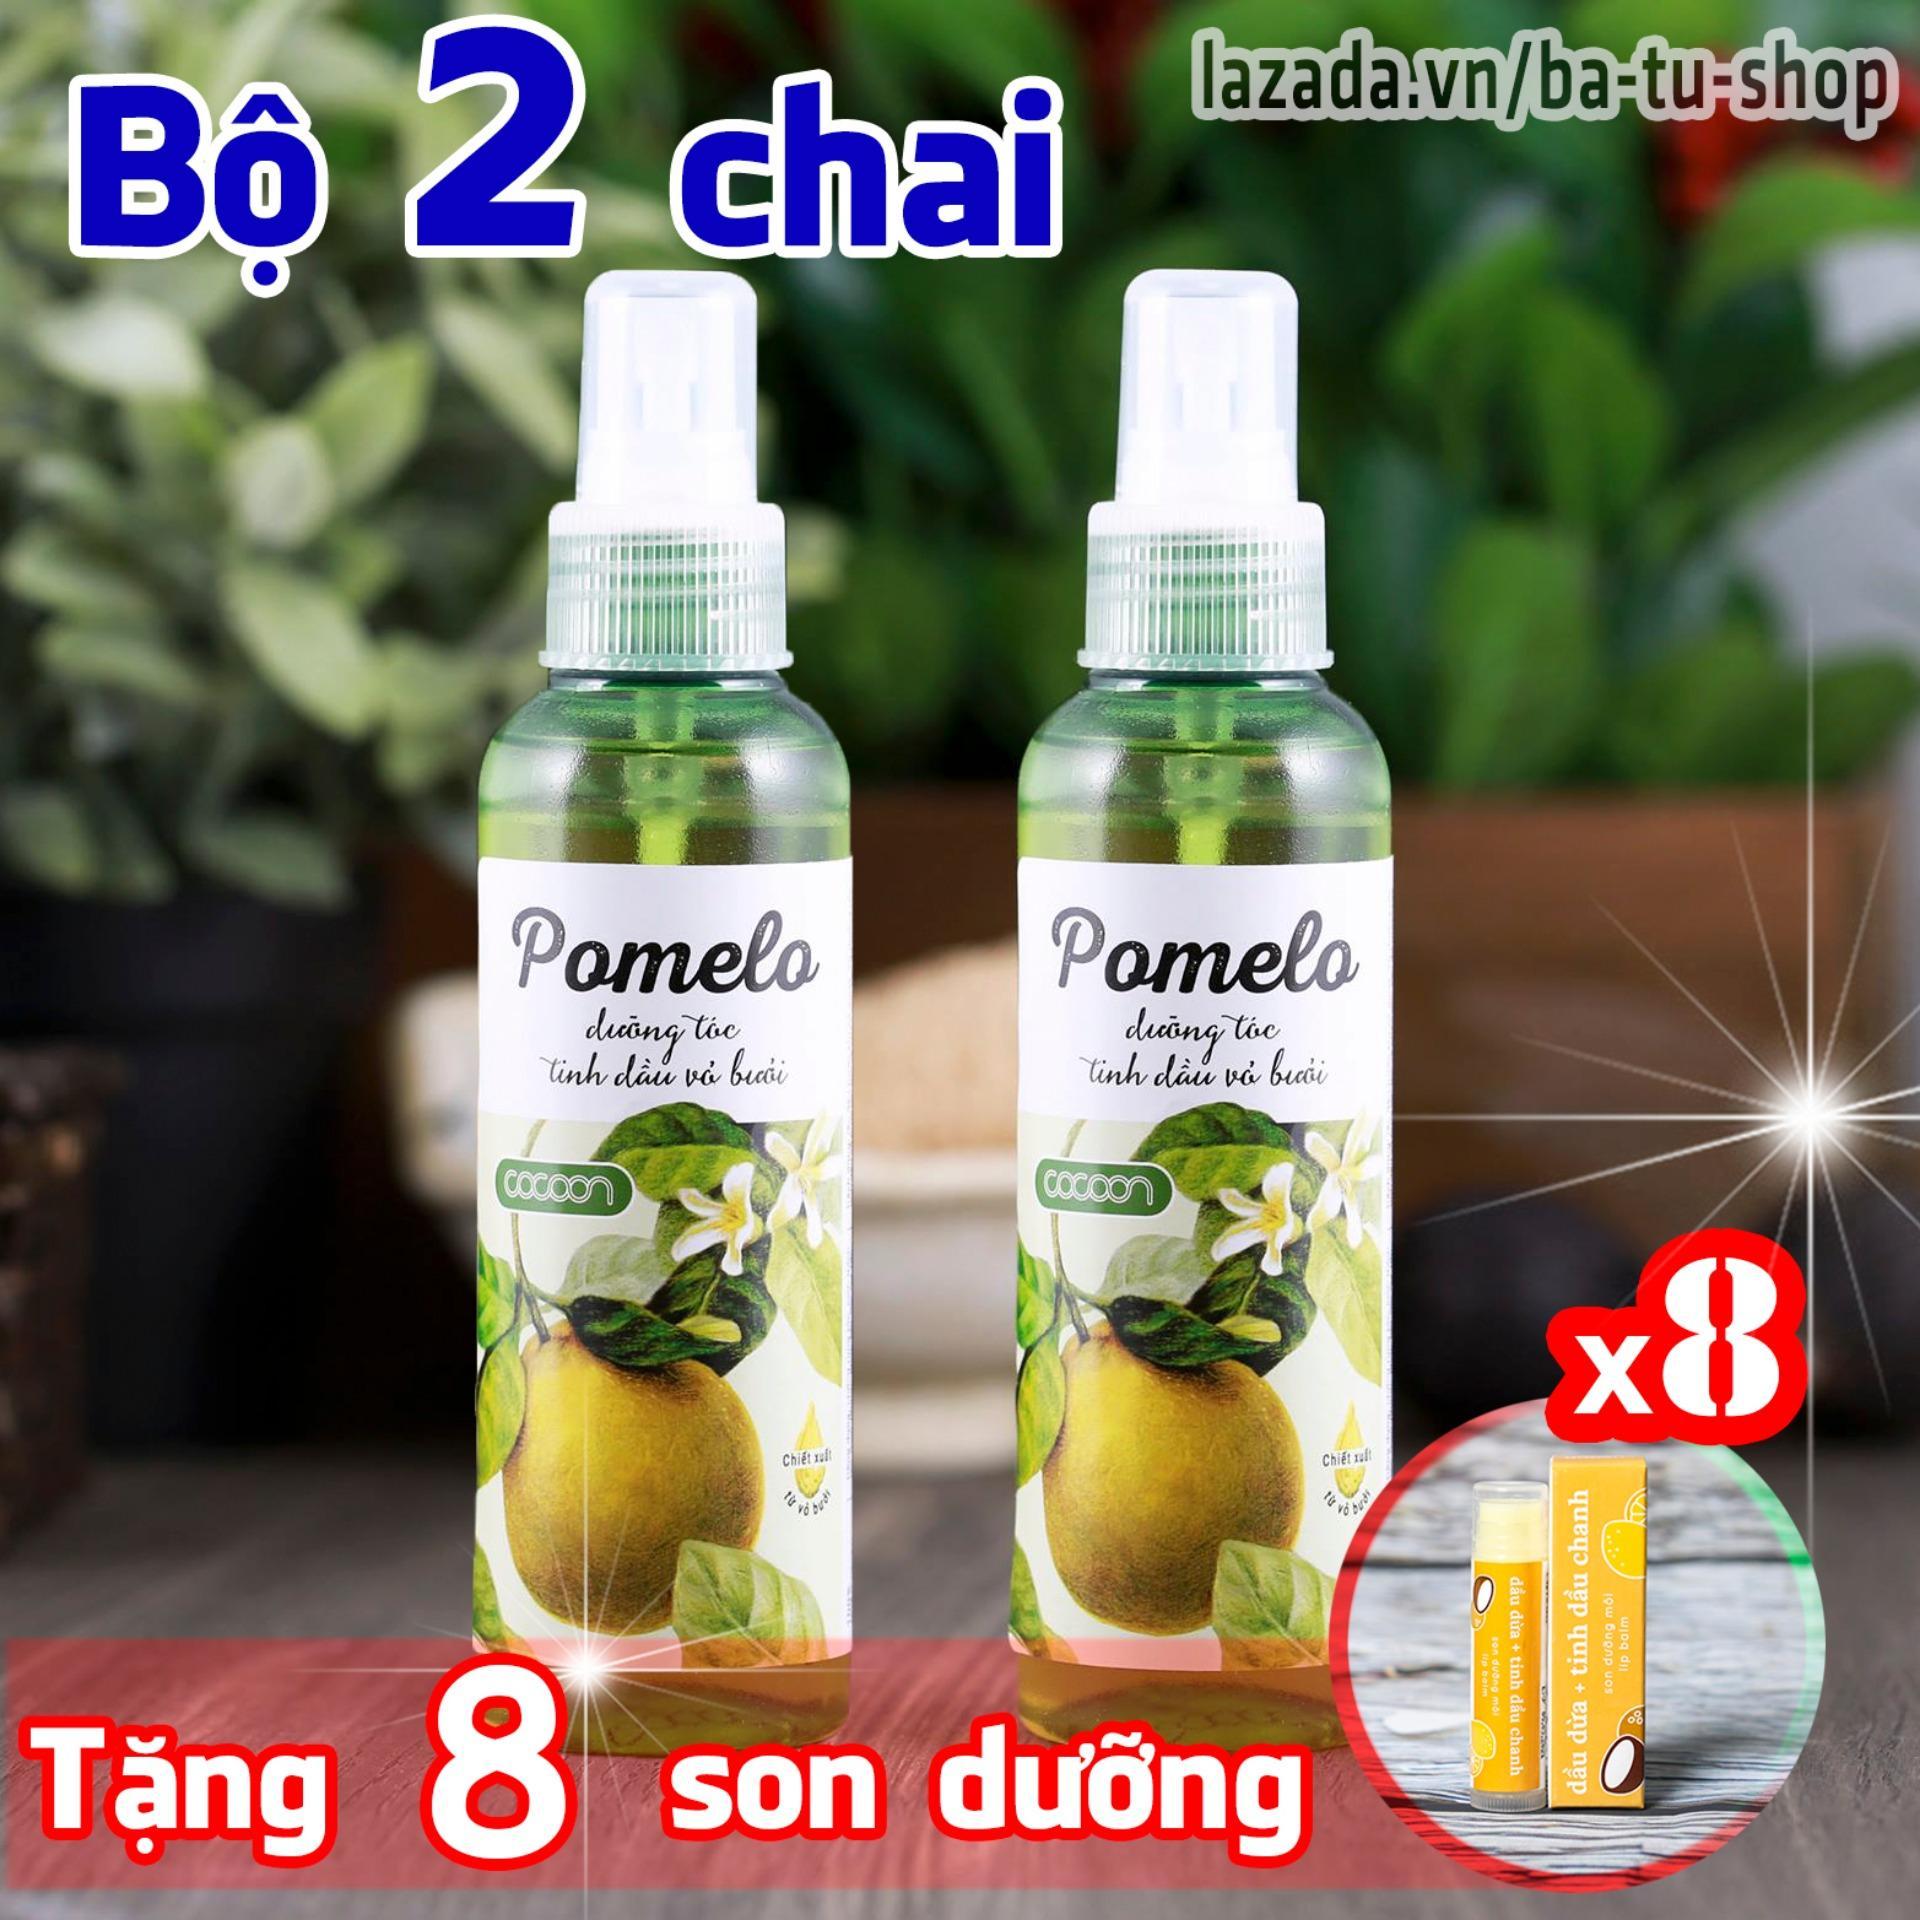 Hình ảnh Bộ 2 chai xịt bưởi kích thích mọc tóc Pomelo tặng ngay 8 son dưỡng môi Lip Care